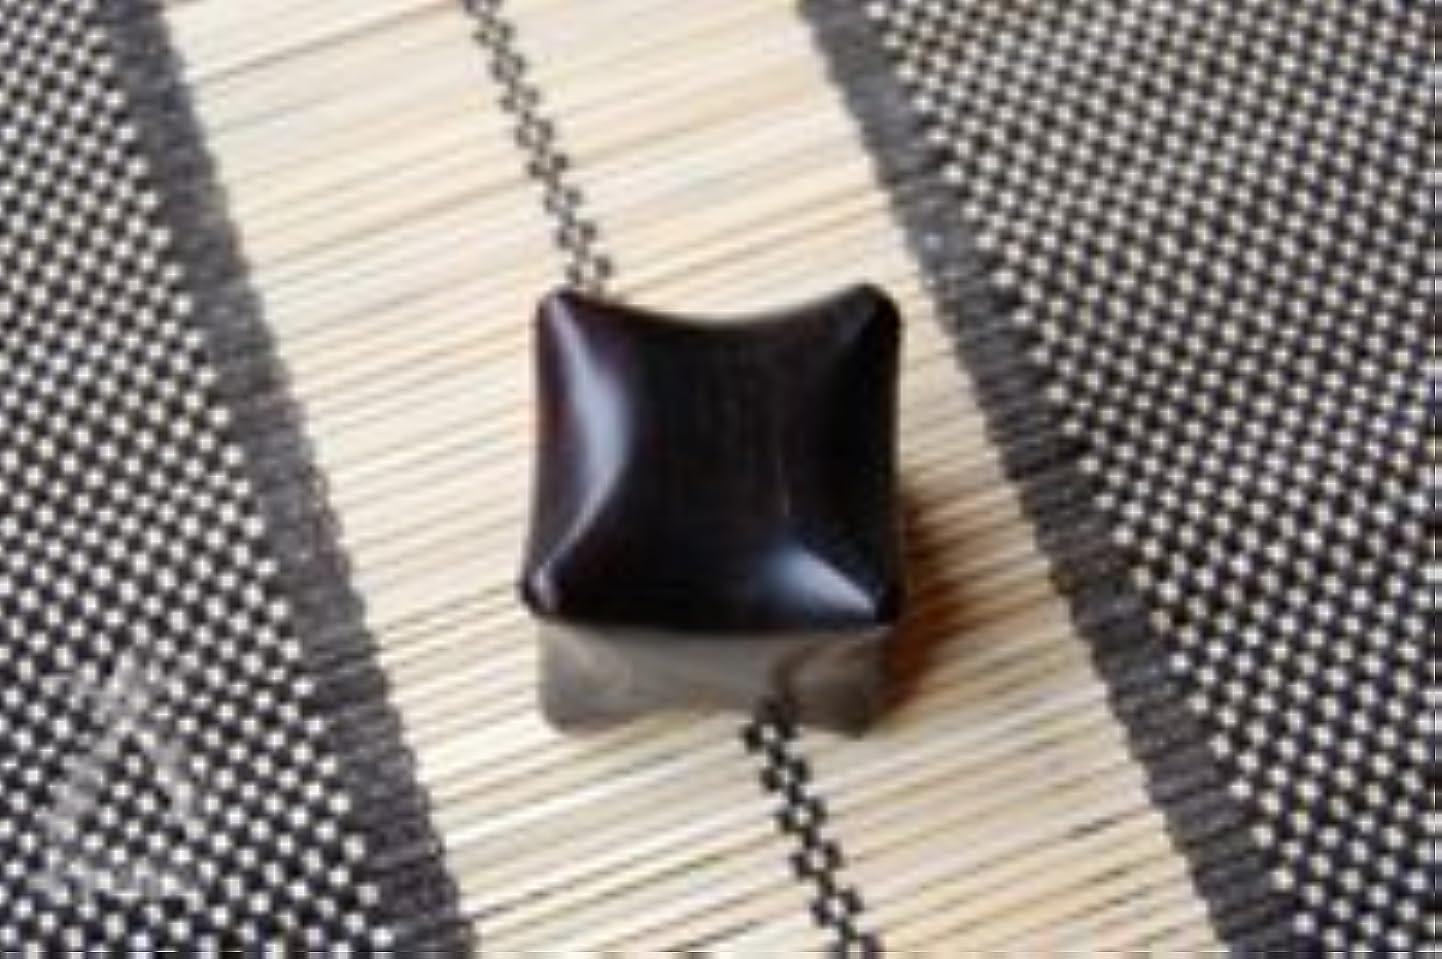 納屋ひまわり手術タイ王国のミラクルな手のひらゴロゴロマッサージャー(ローズウッド)